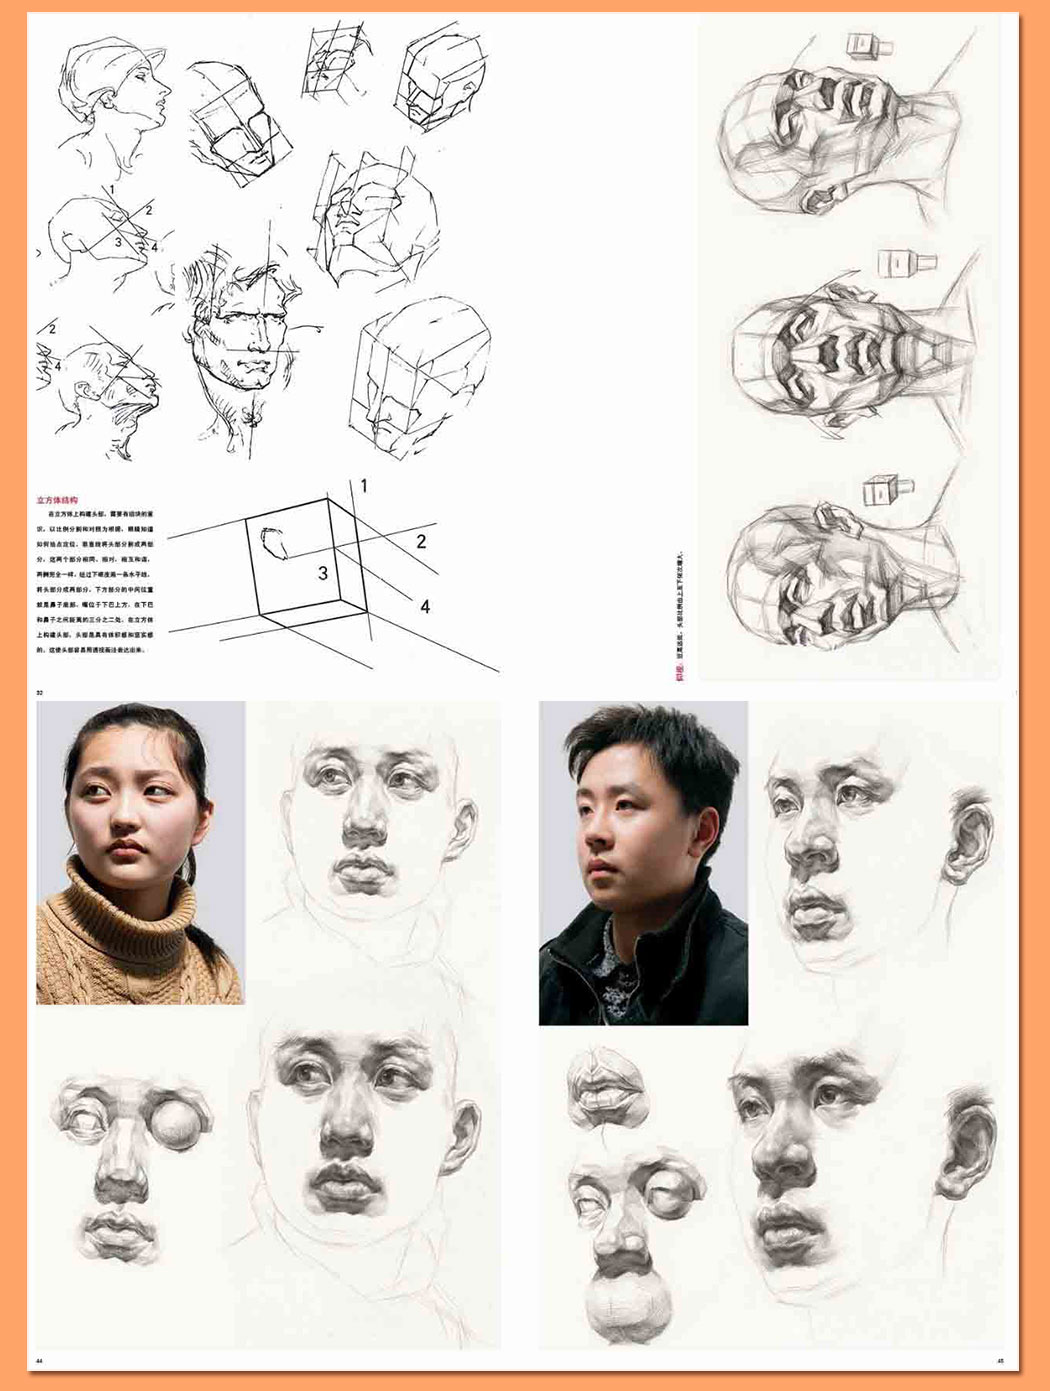 解剖素描头像_12.jpg